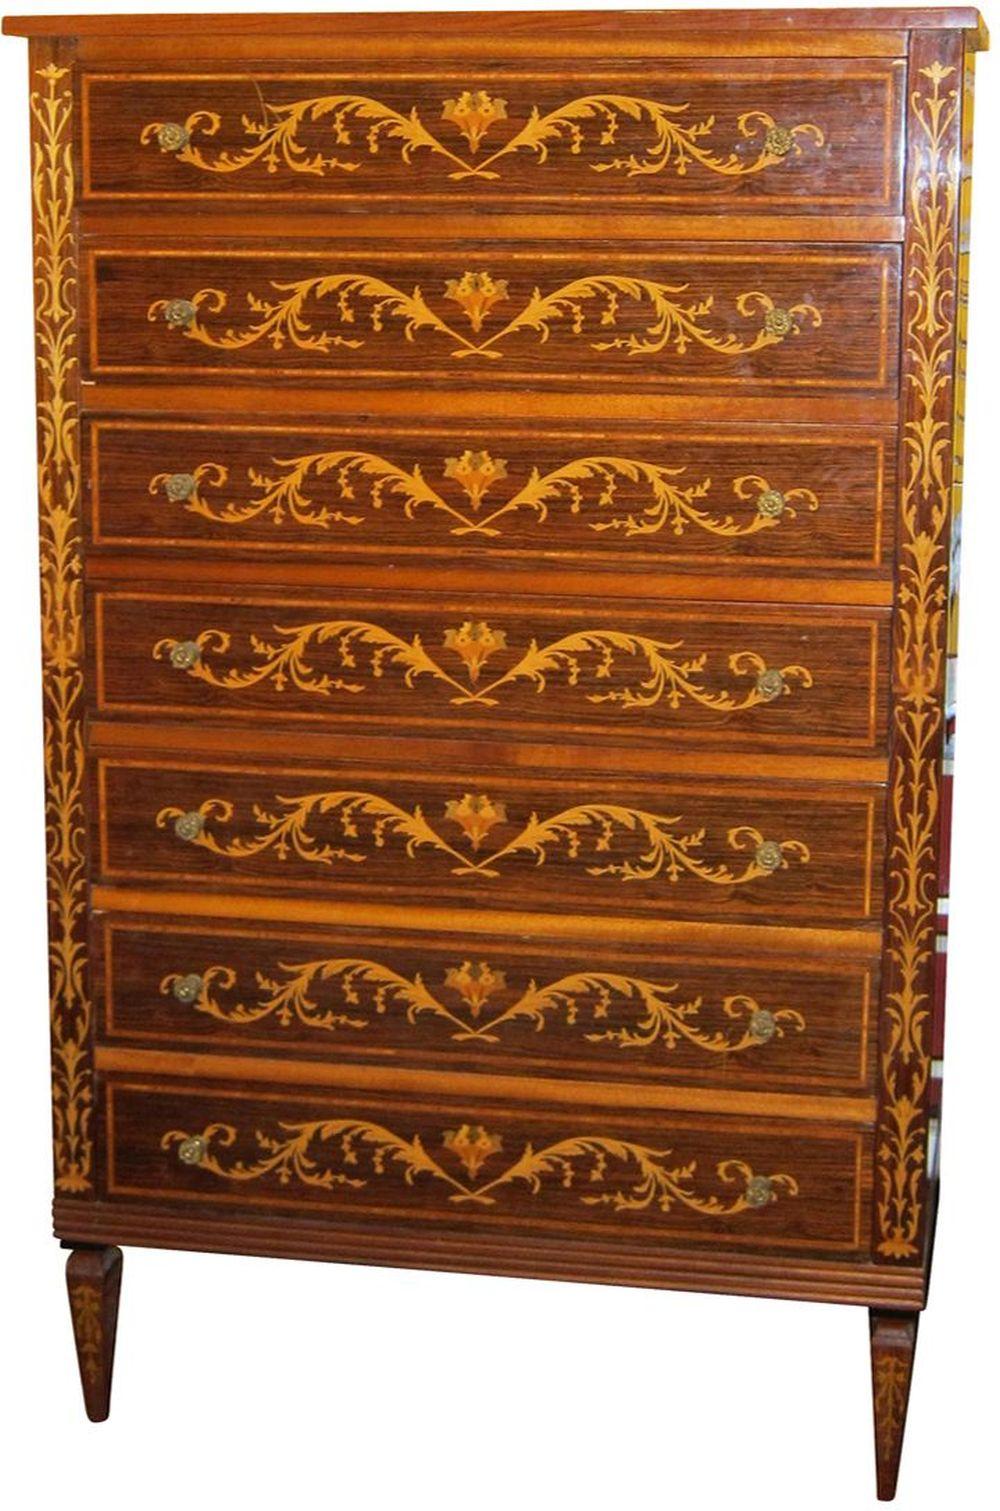 Antique Louis XV-style inlaid semainier